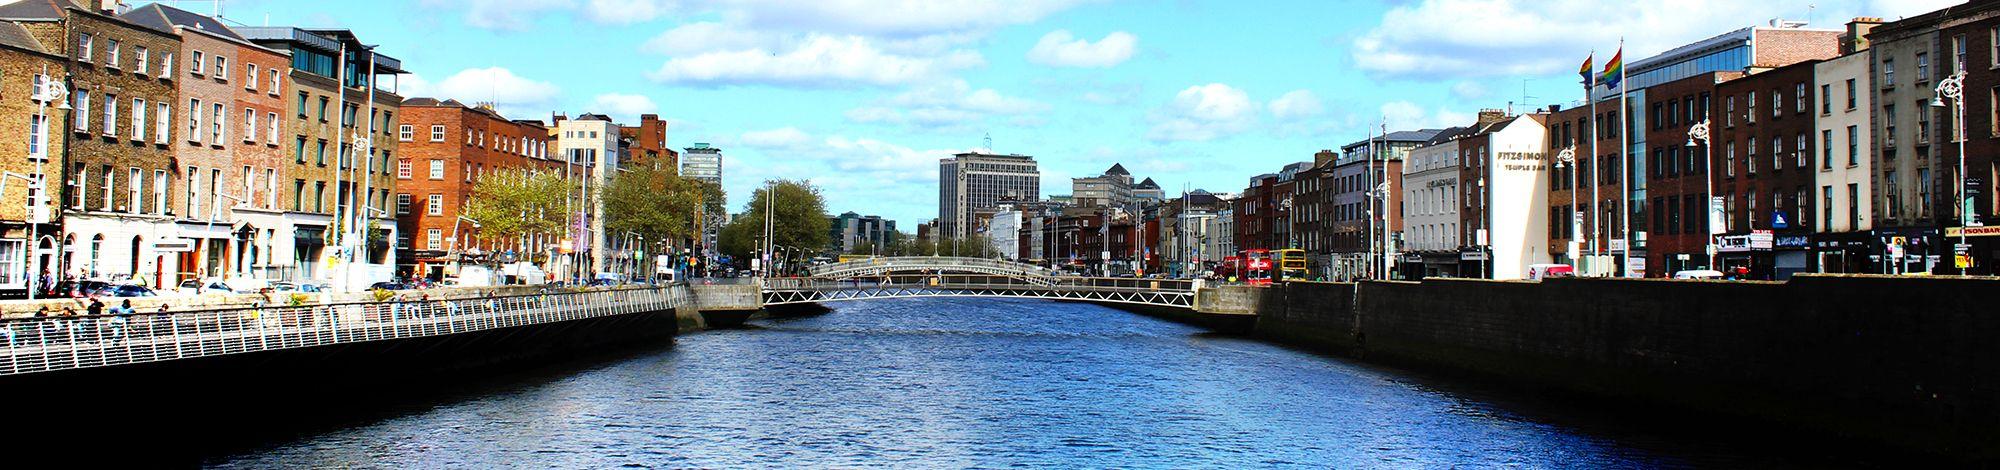 Bild von Irland